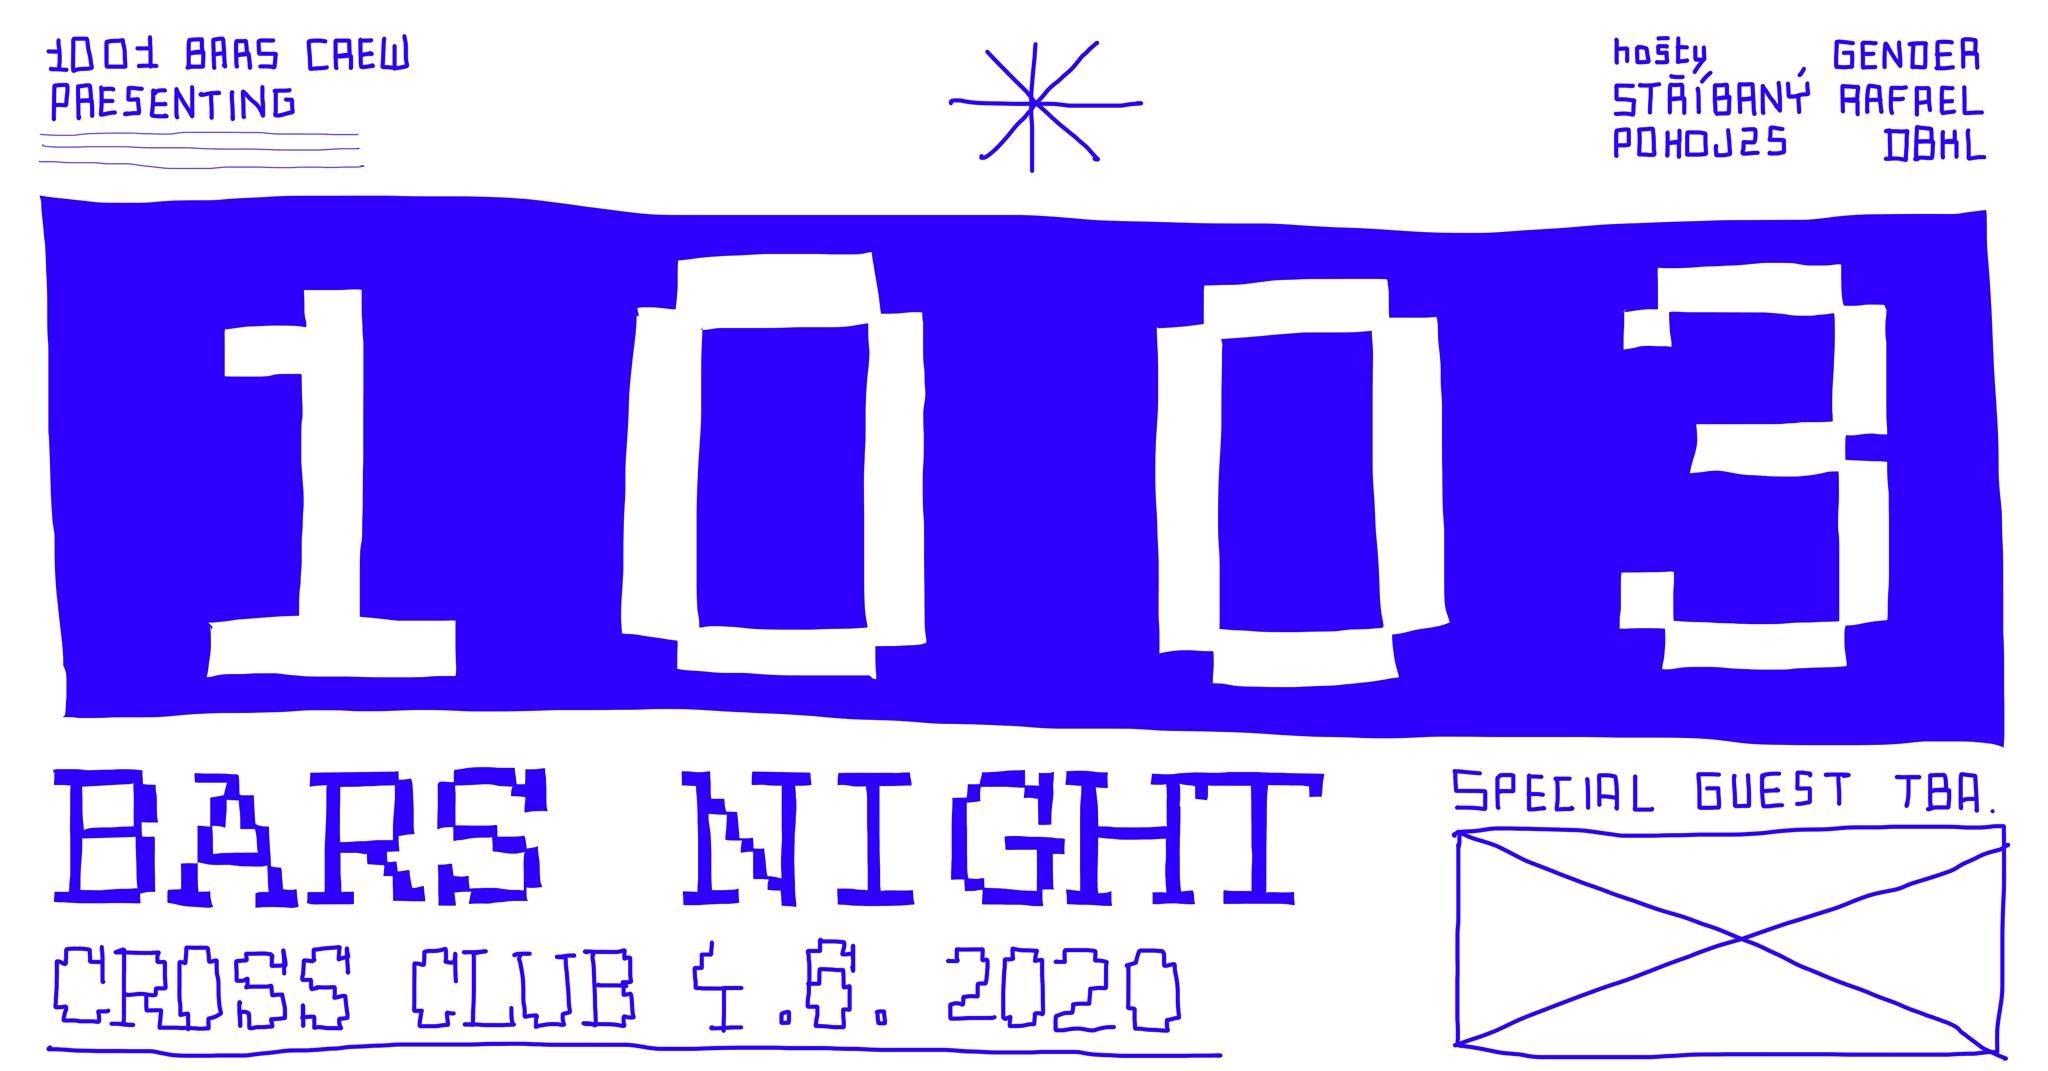 1003 BARS NIGHT